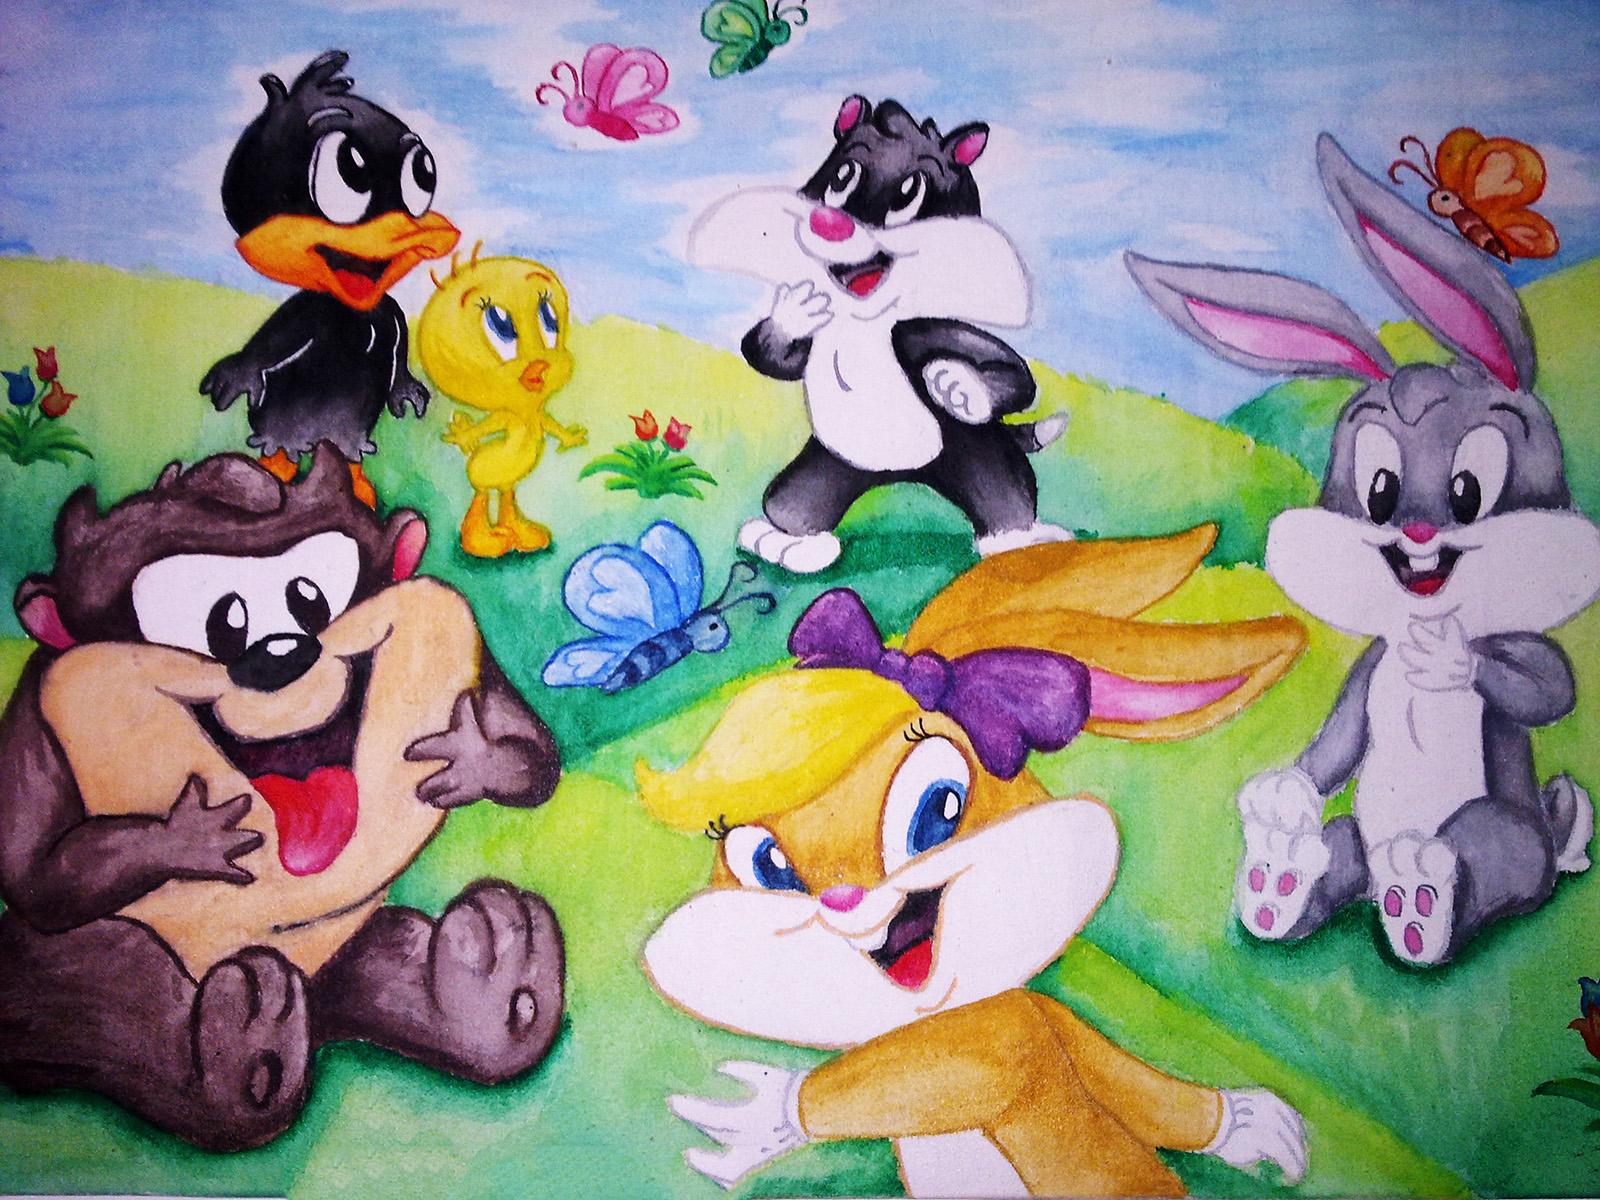 baby looney tunes Wallpaper Hd   Fondos de pantalla HD 1600x1200